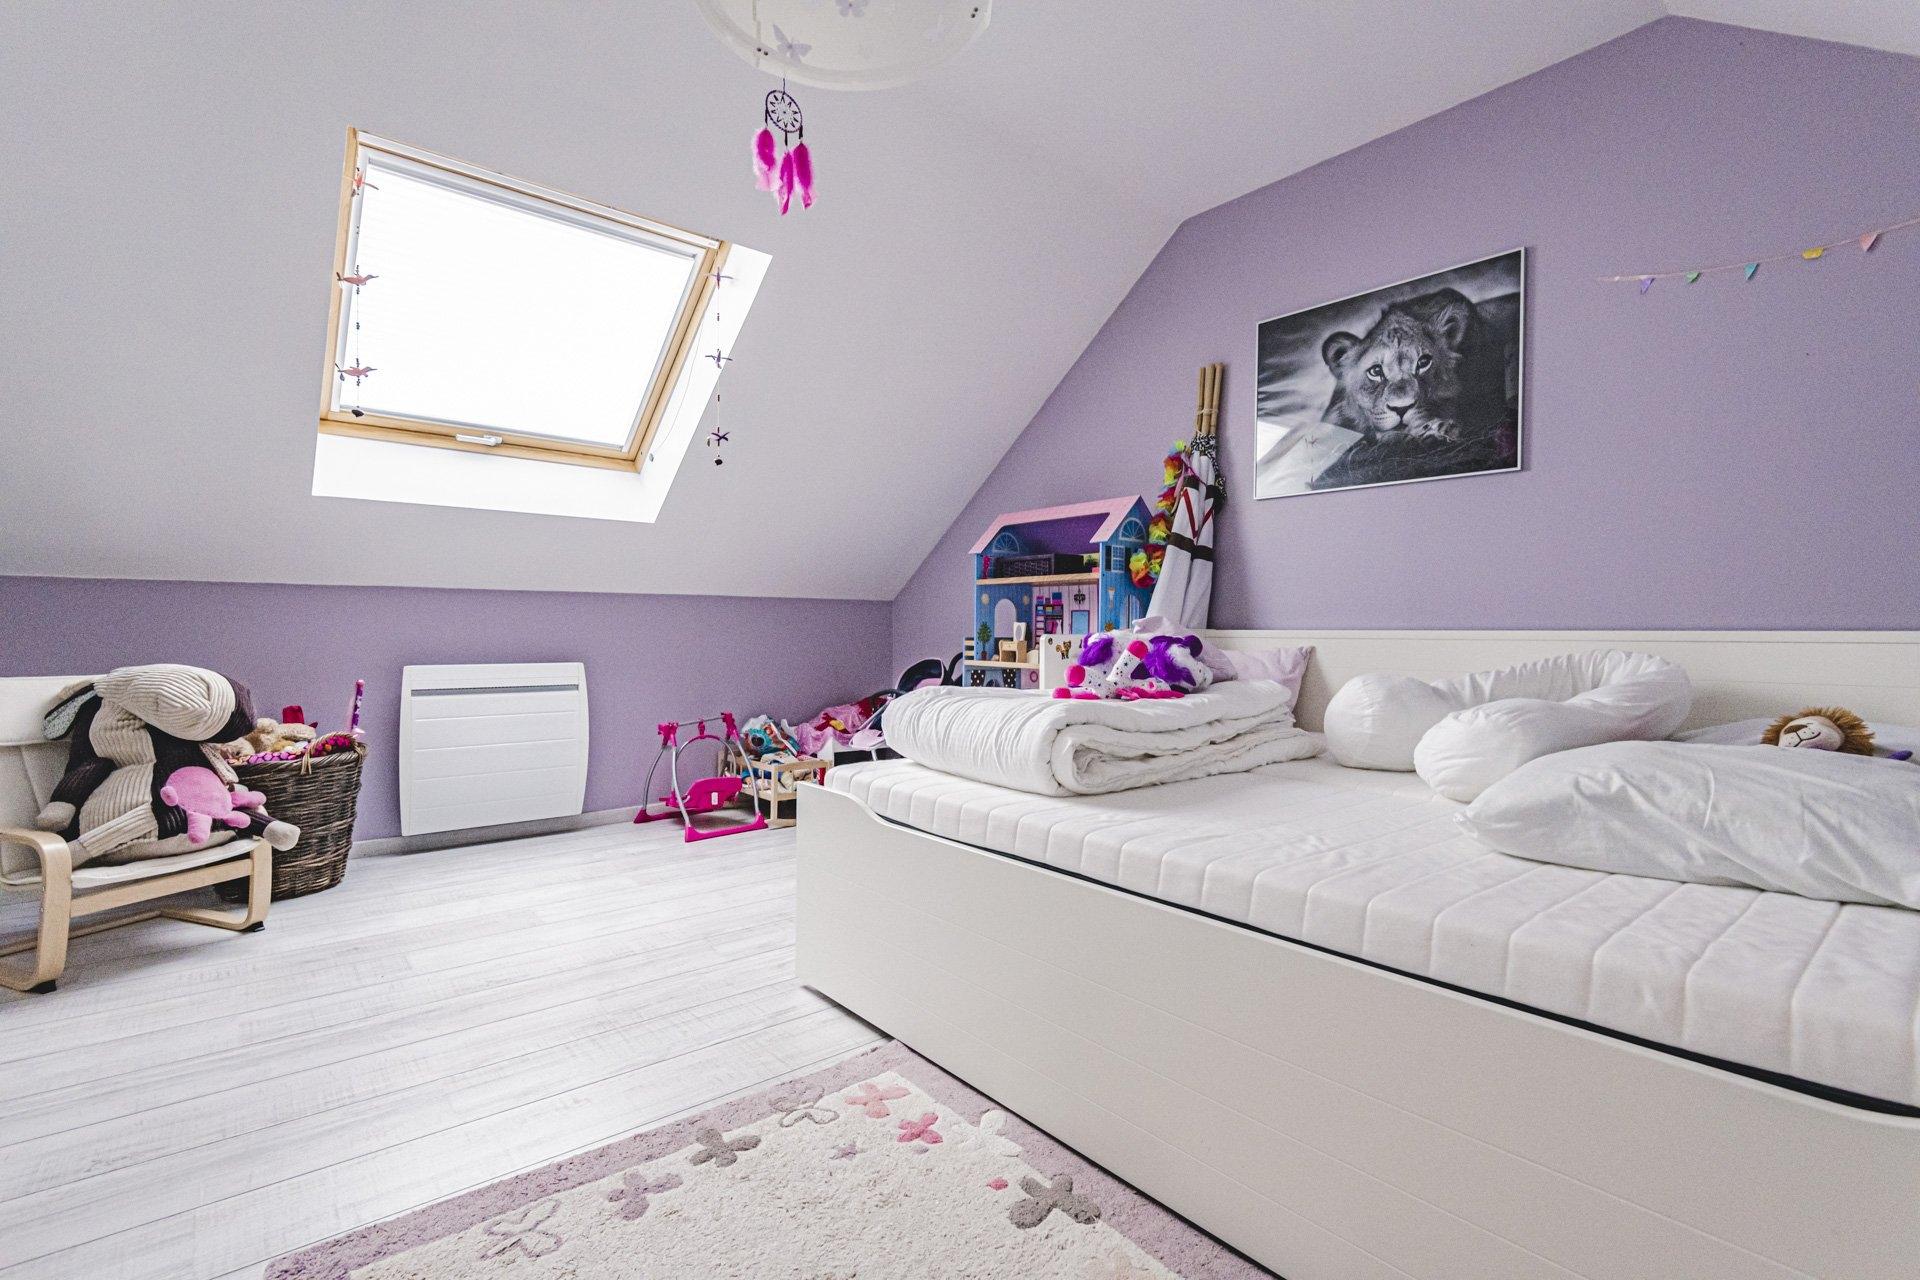 Maison Bouleuse 6 Pièces 140 m2 - 8